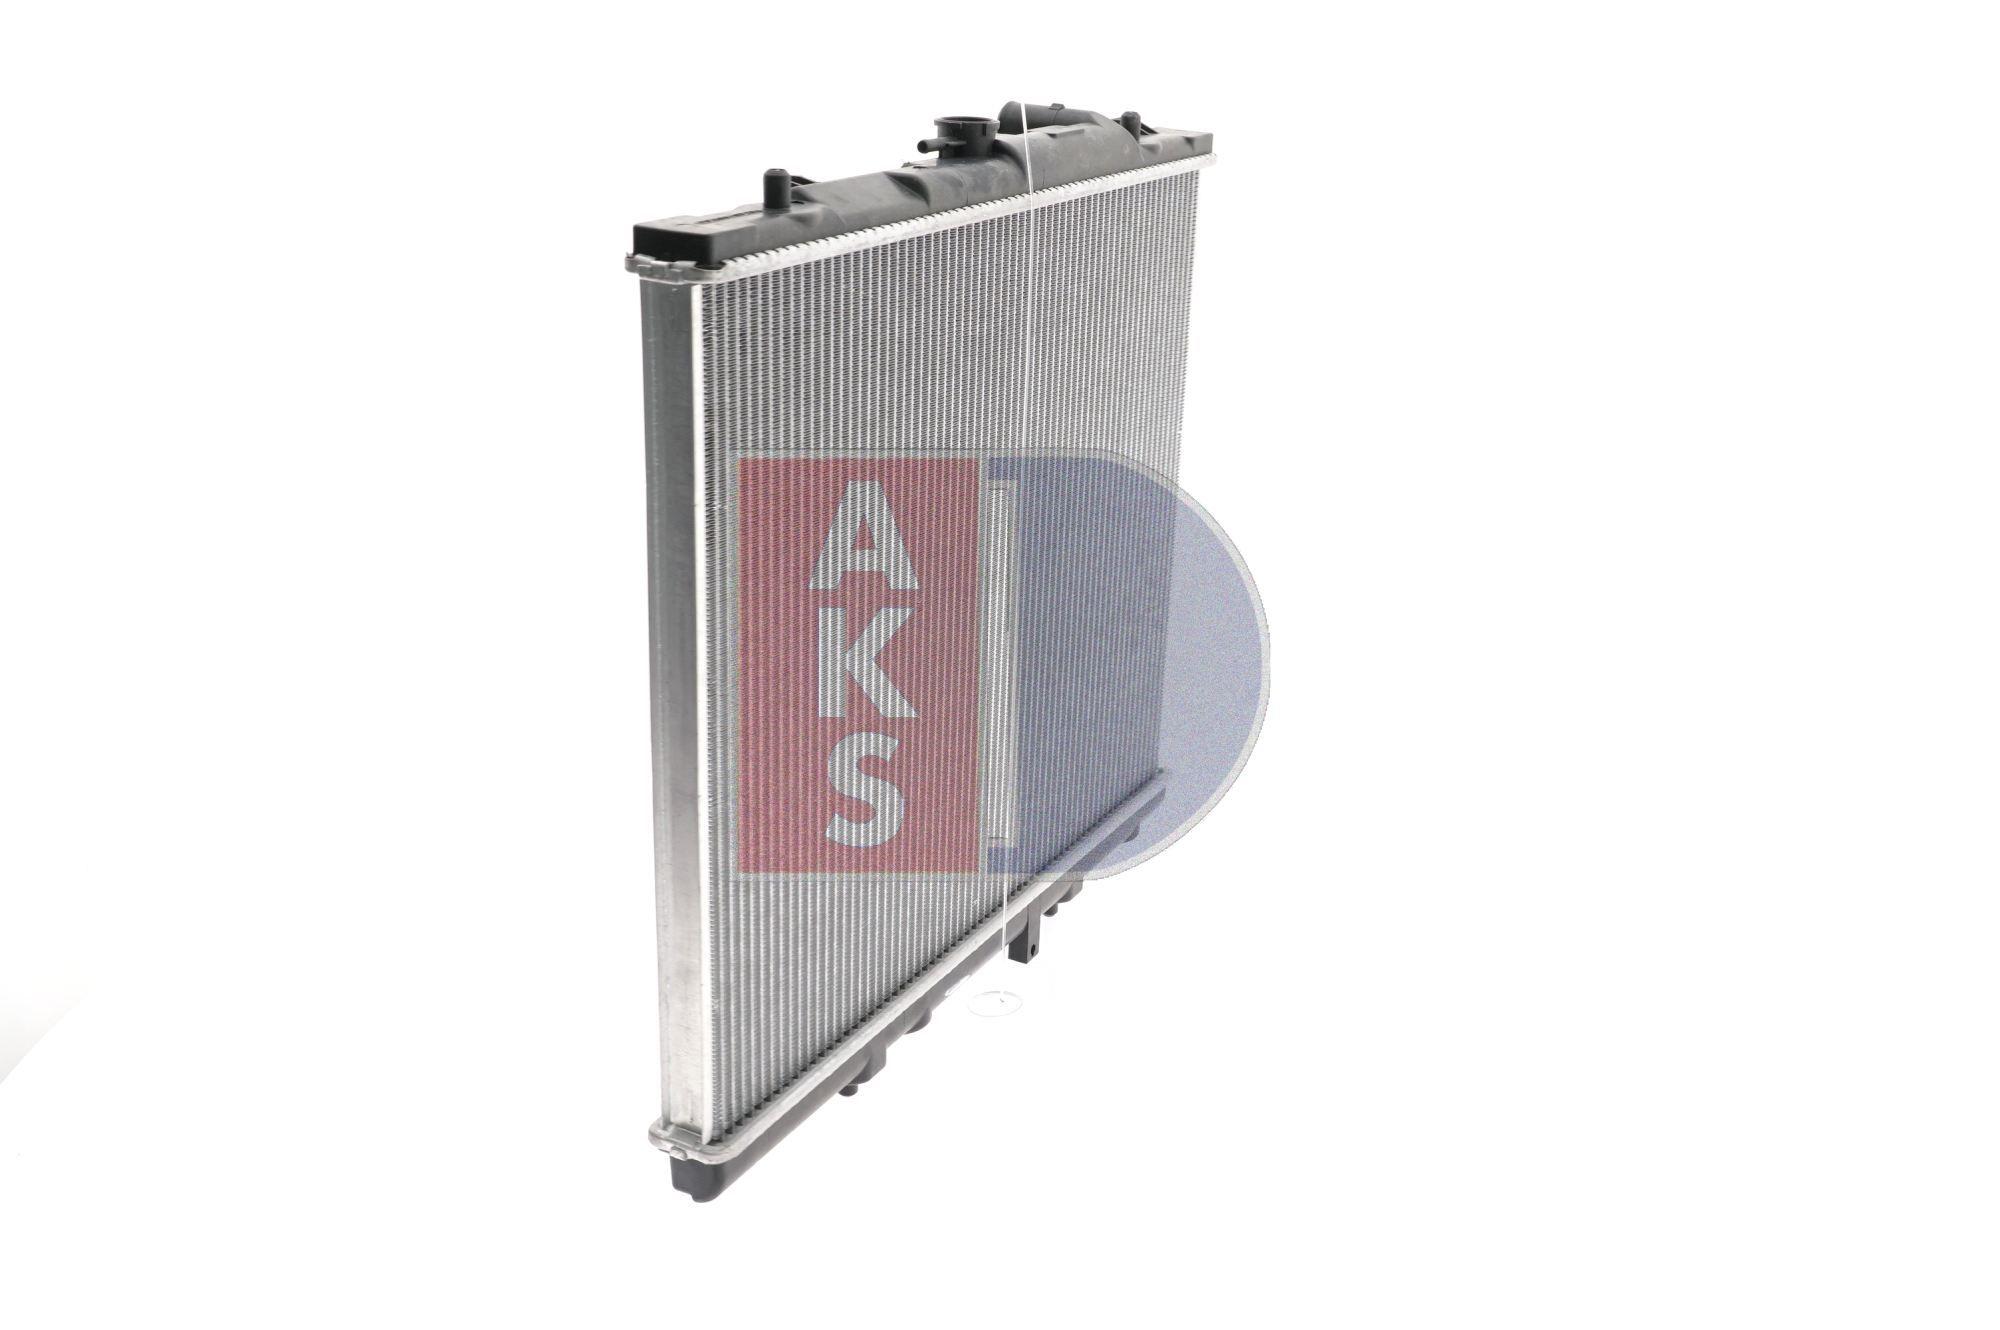 140017N Kühler, Motorkühlung AKS DASIS Test